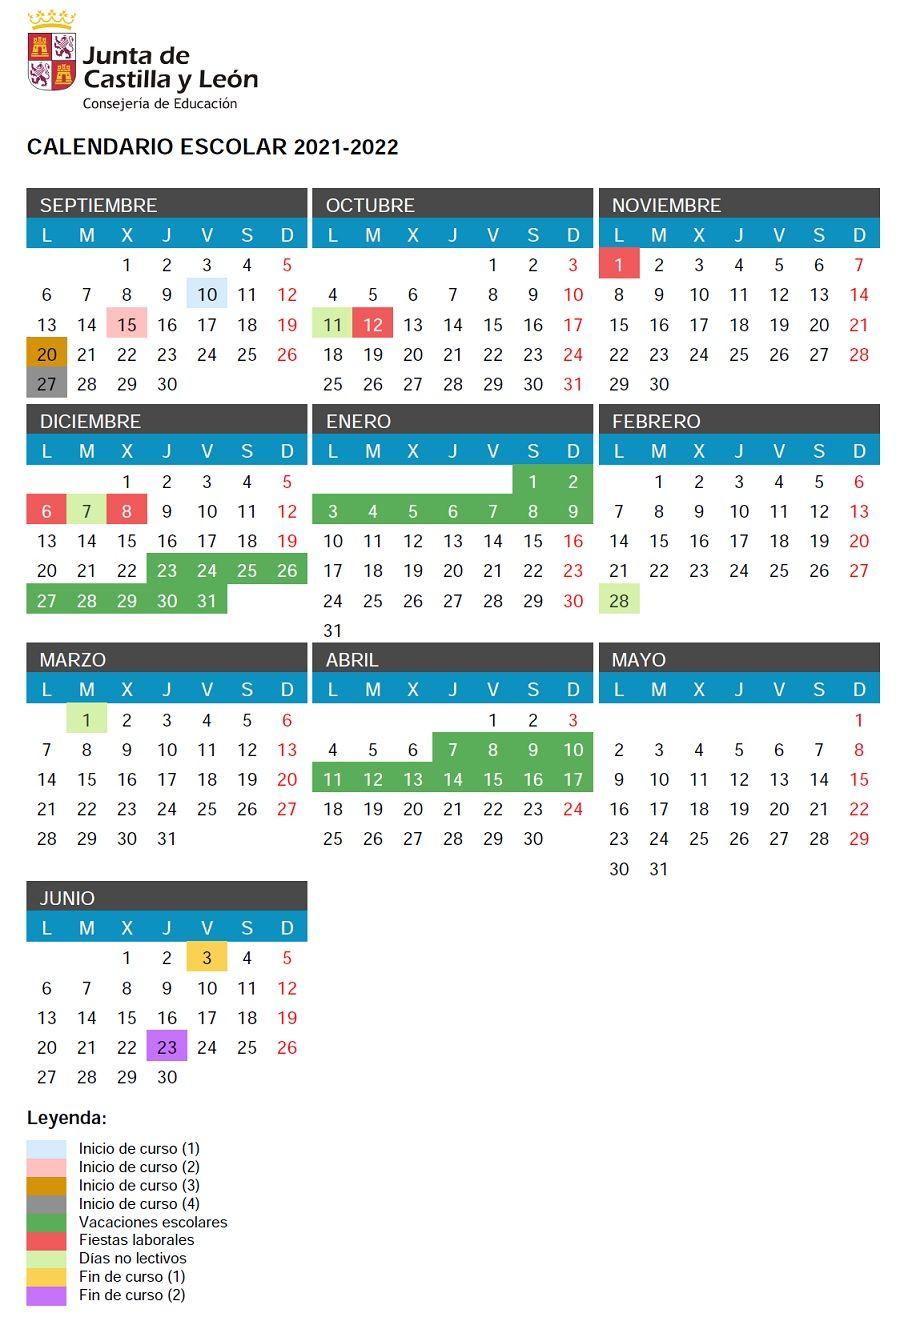 Calendario-Escolar-2021-2022-JCyL